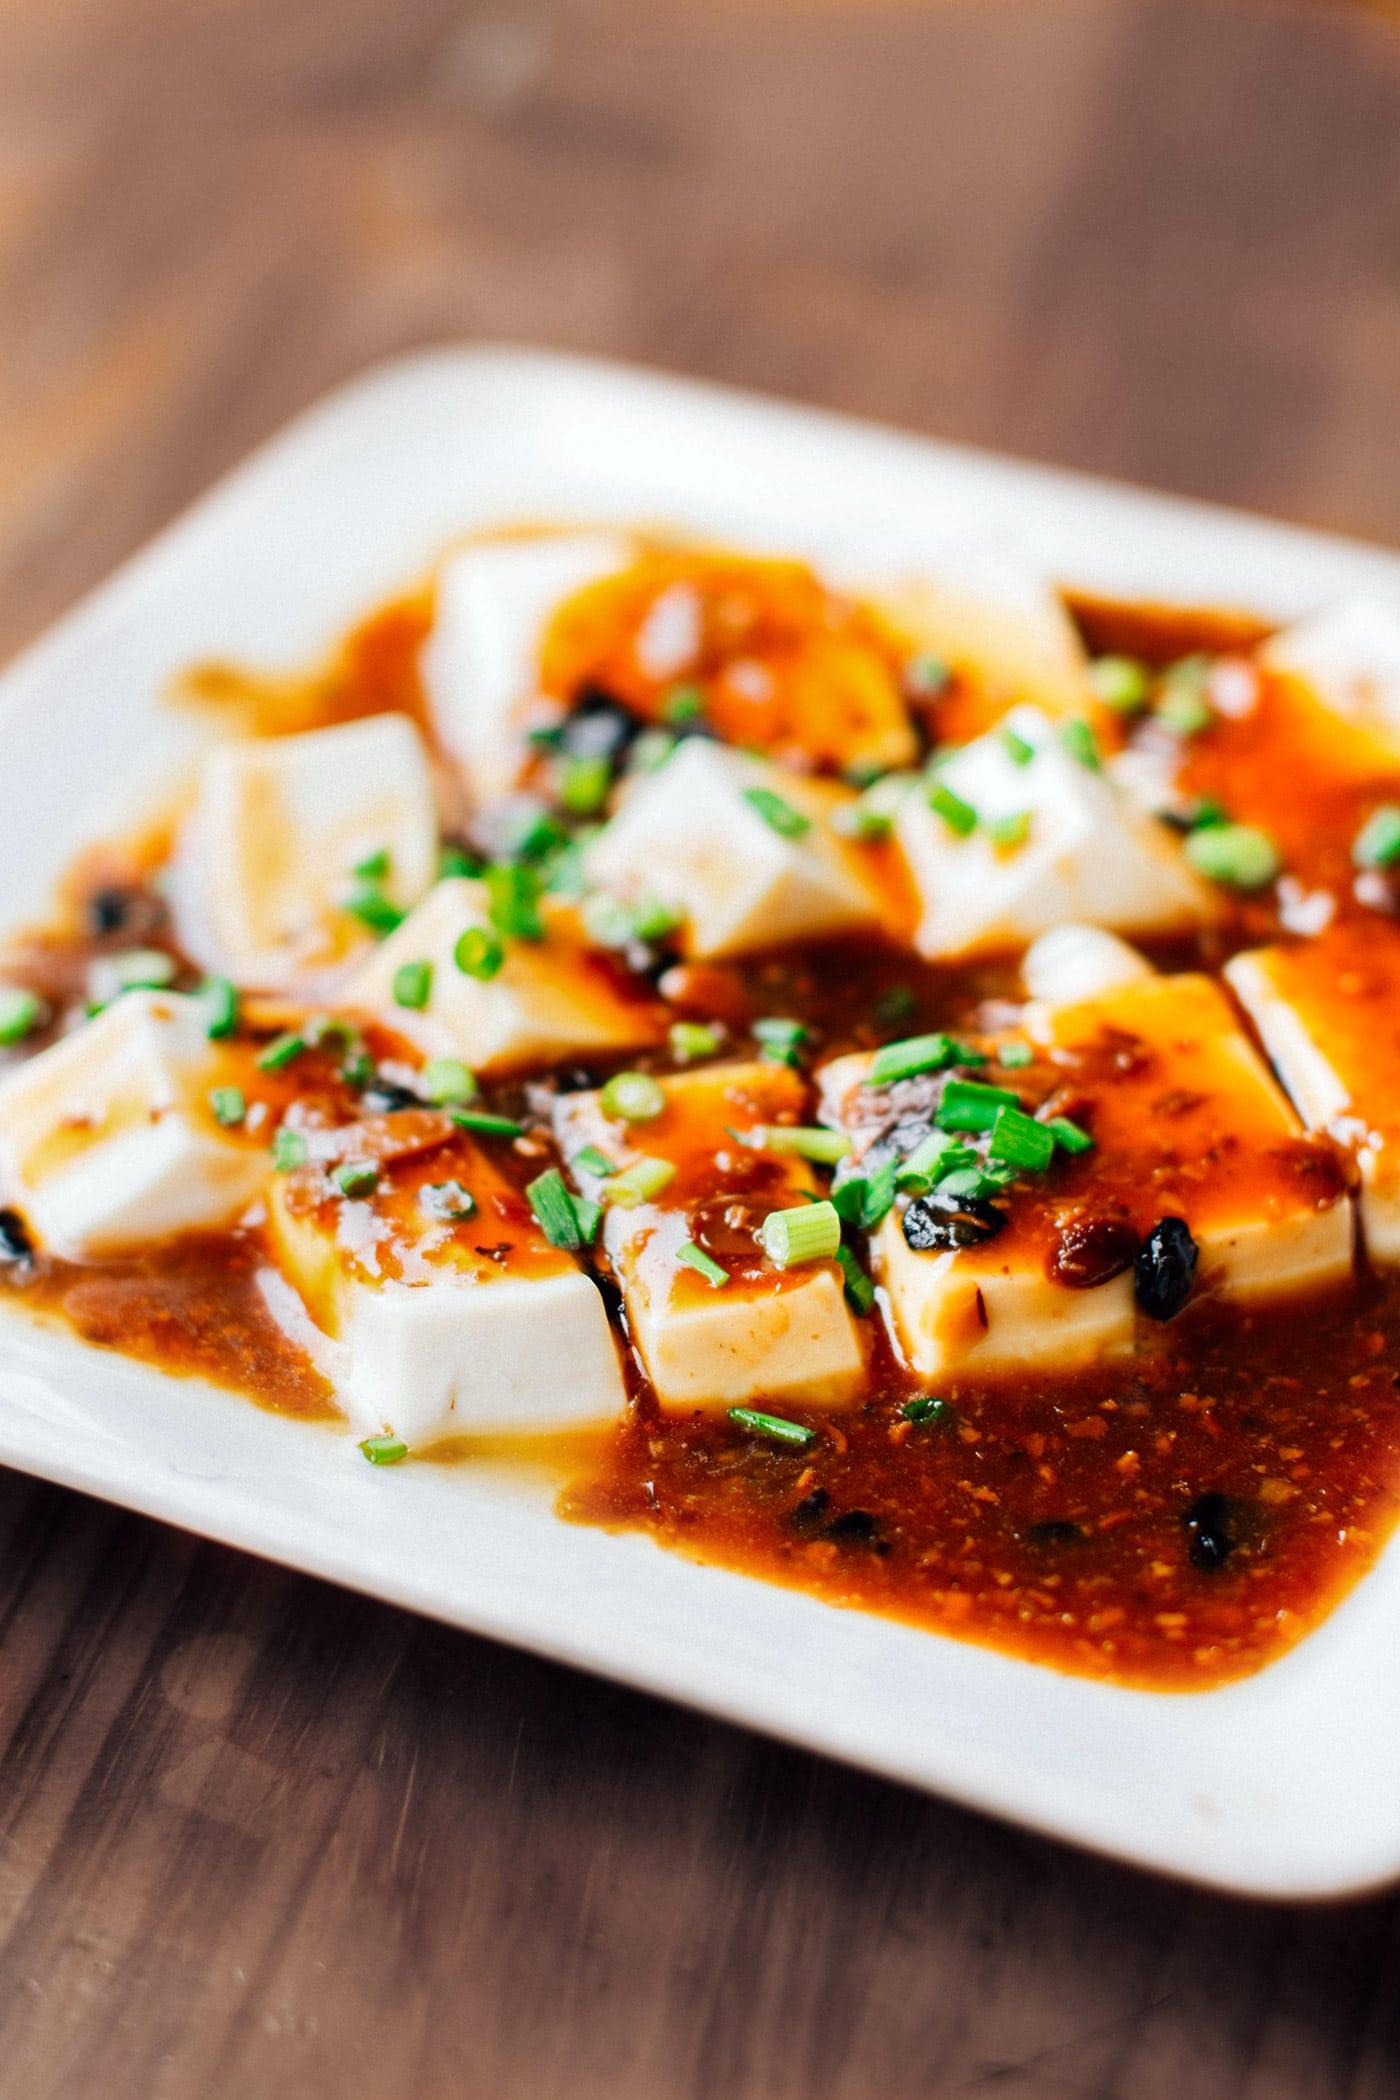 A Guide to Eating Vegan in Viet Nam - Đậu Hũ Kho Tương Hột